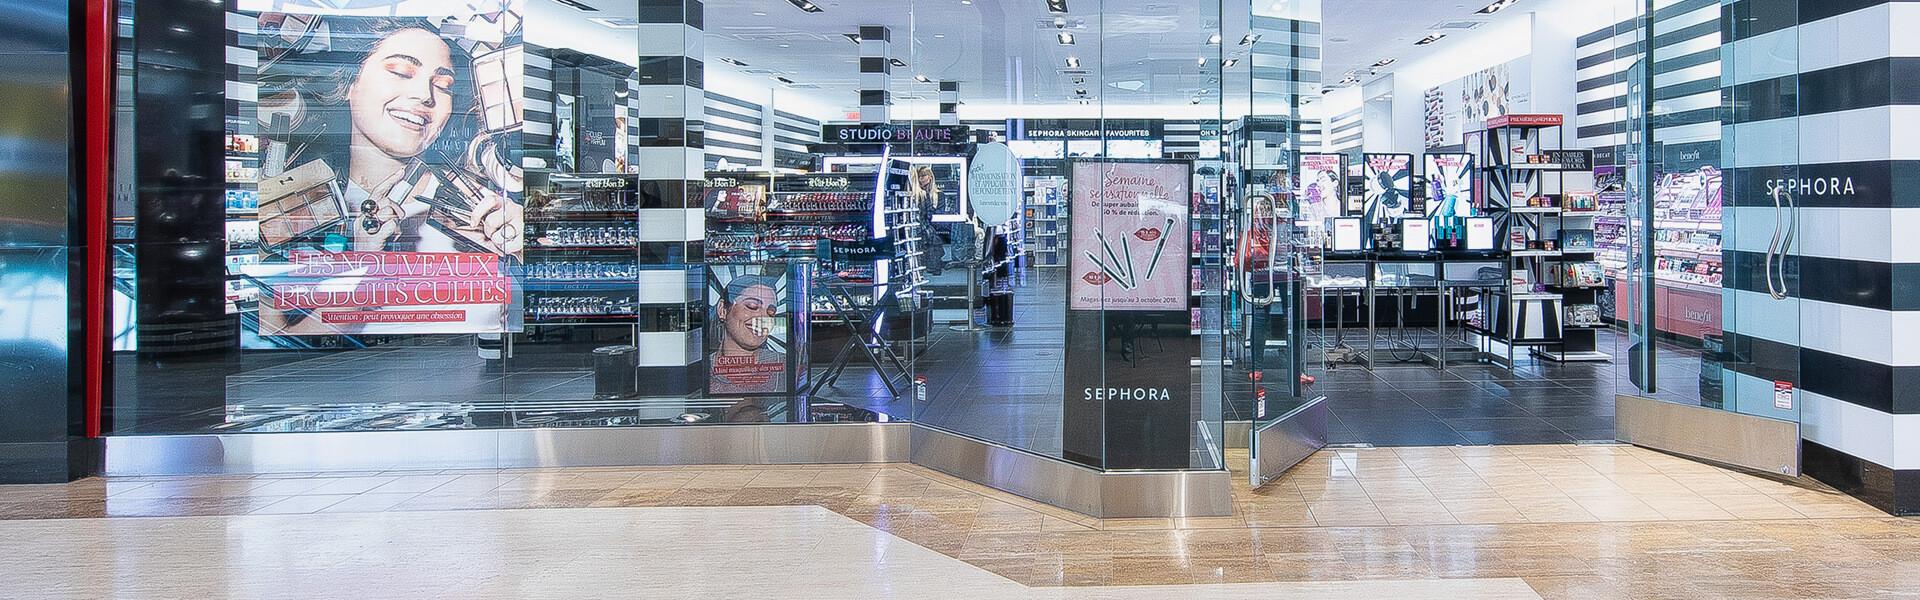 Sephora - Rockland